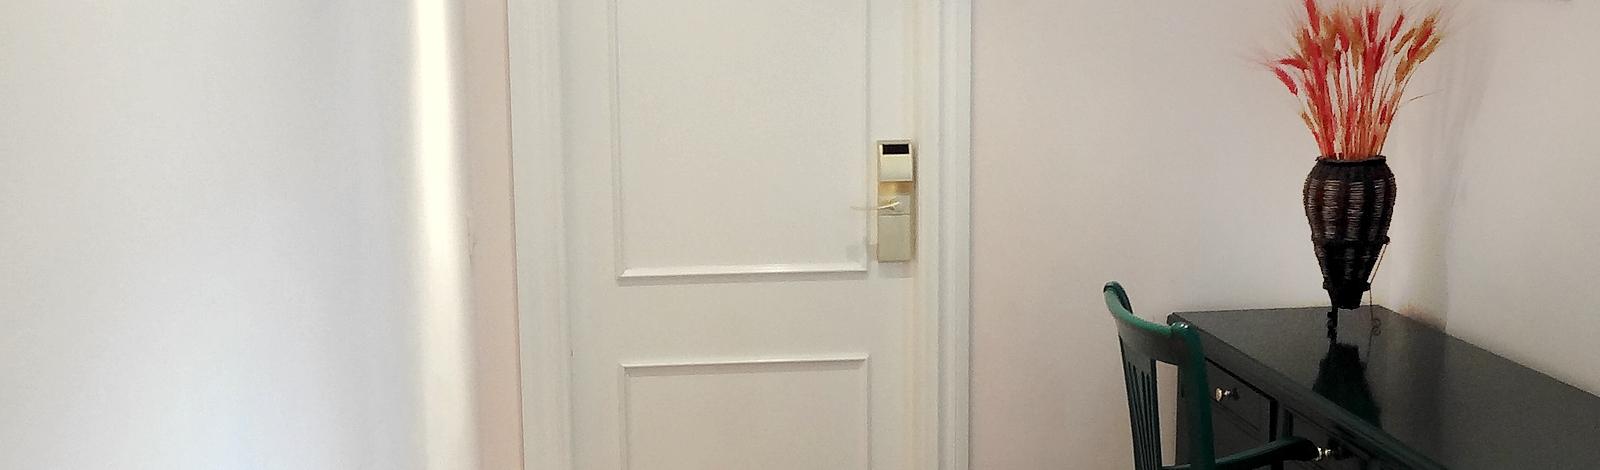 entrada-habitacion-hotel-volao